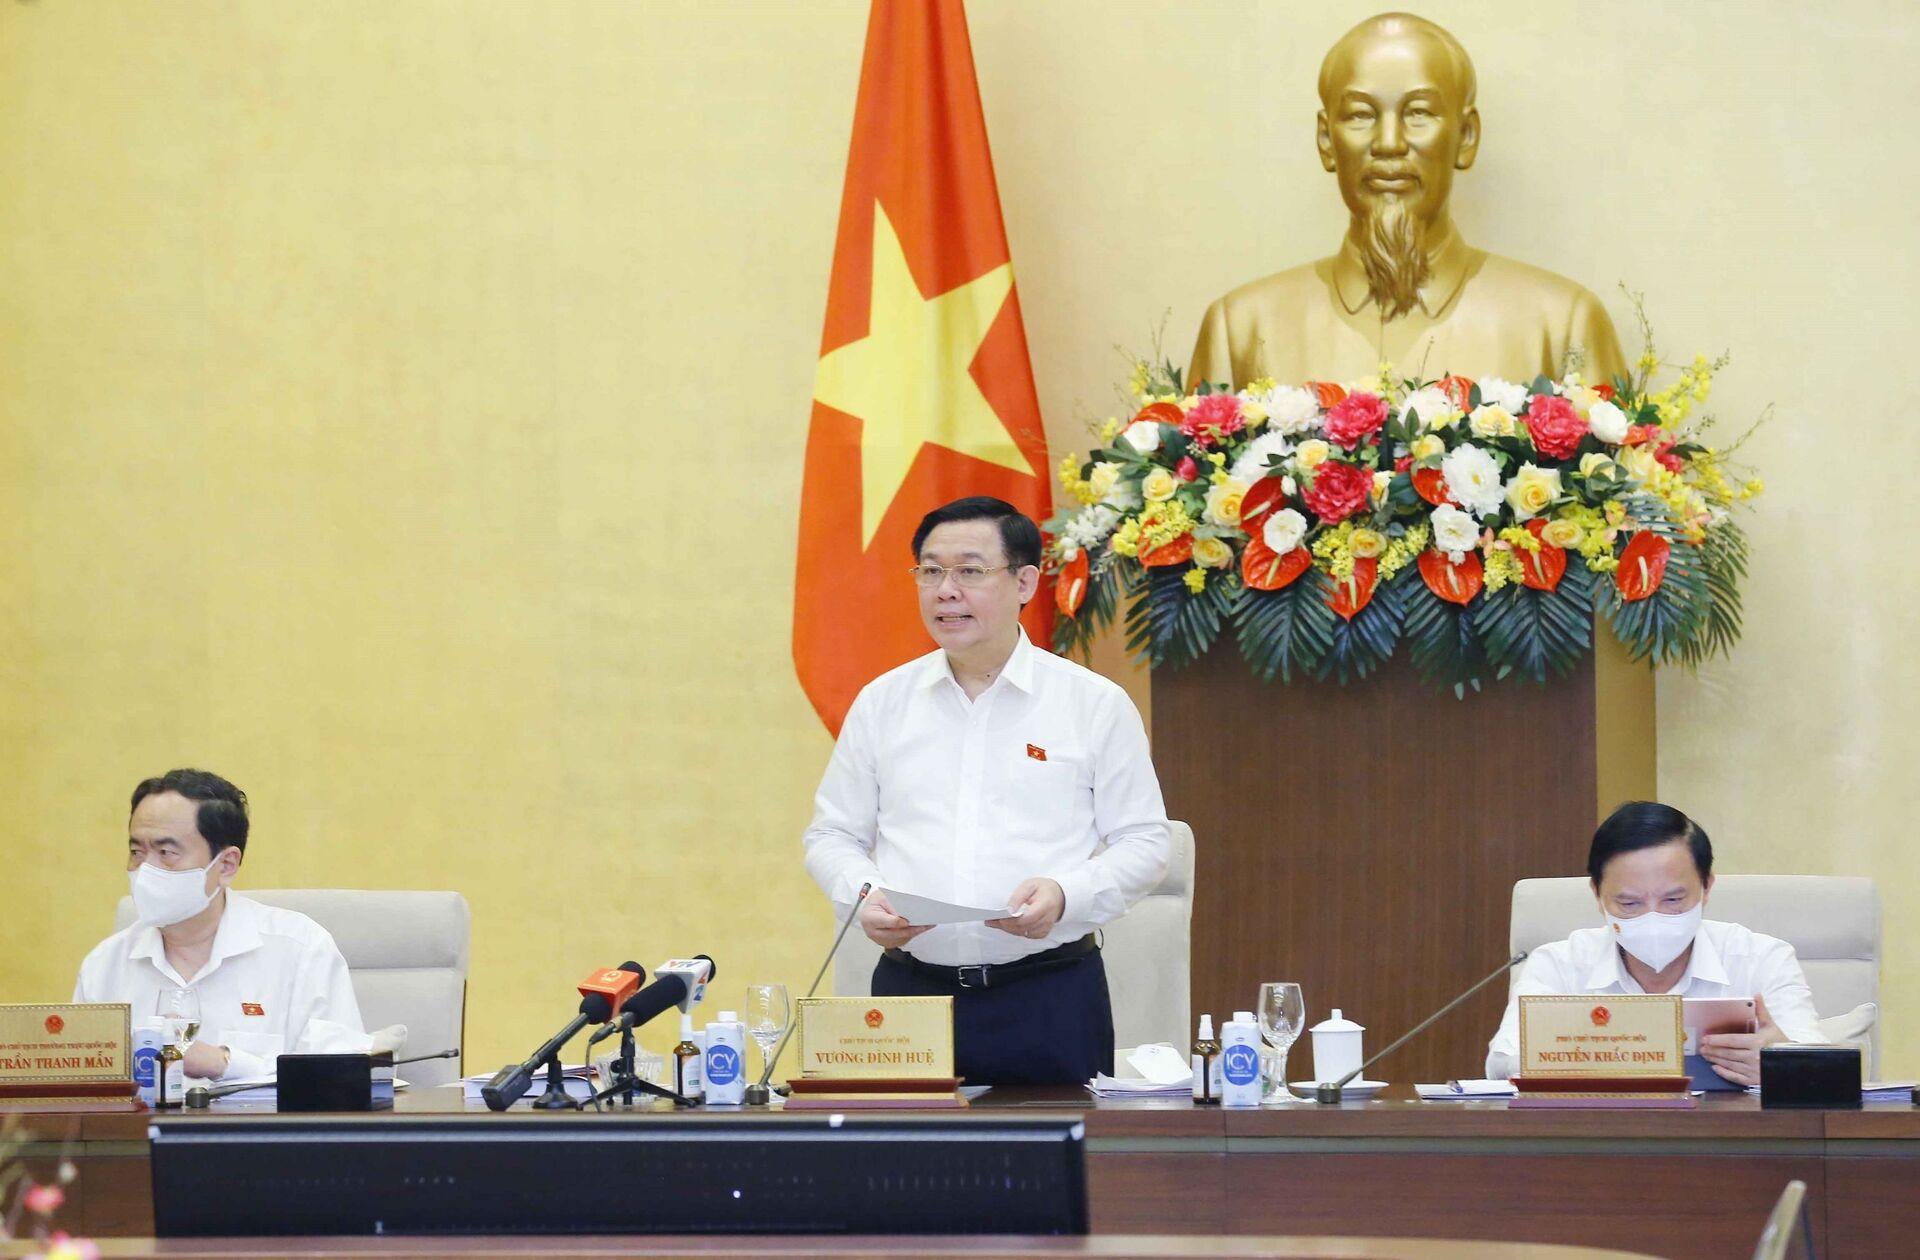 Chủ tịch Quốc hội Vương Đình Huệ phát biểu bế mạc. - Sputnik Việt Nam, 1920, 05.10.2021